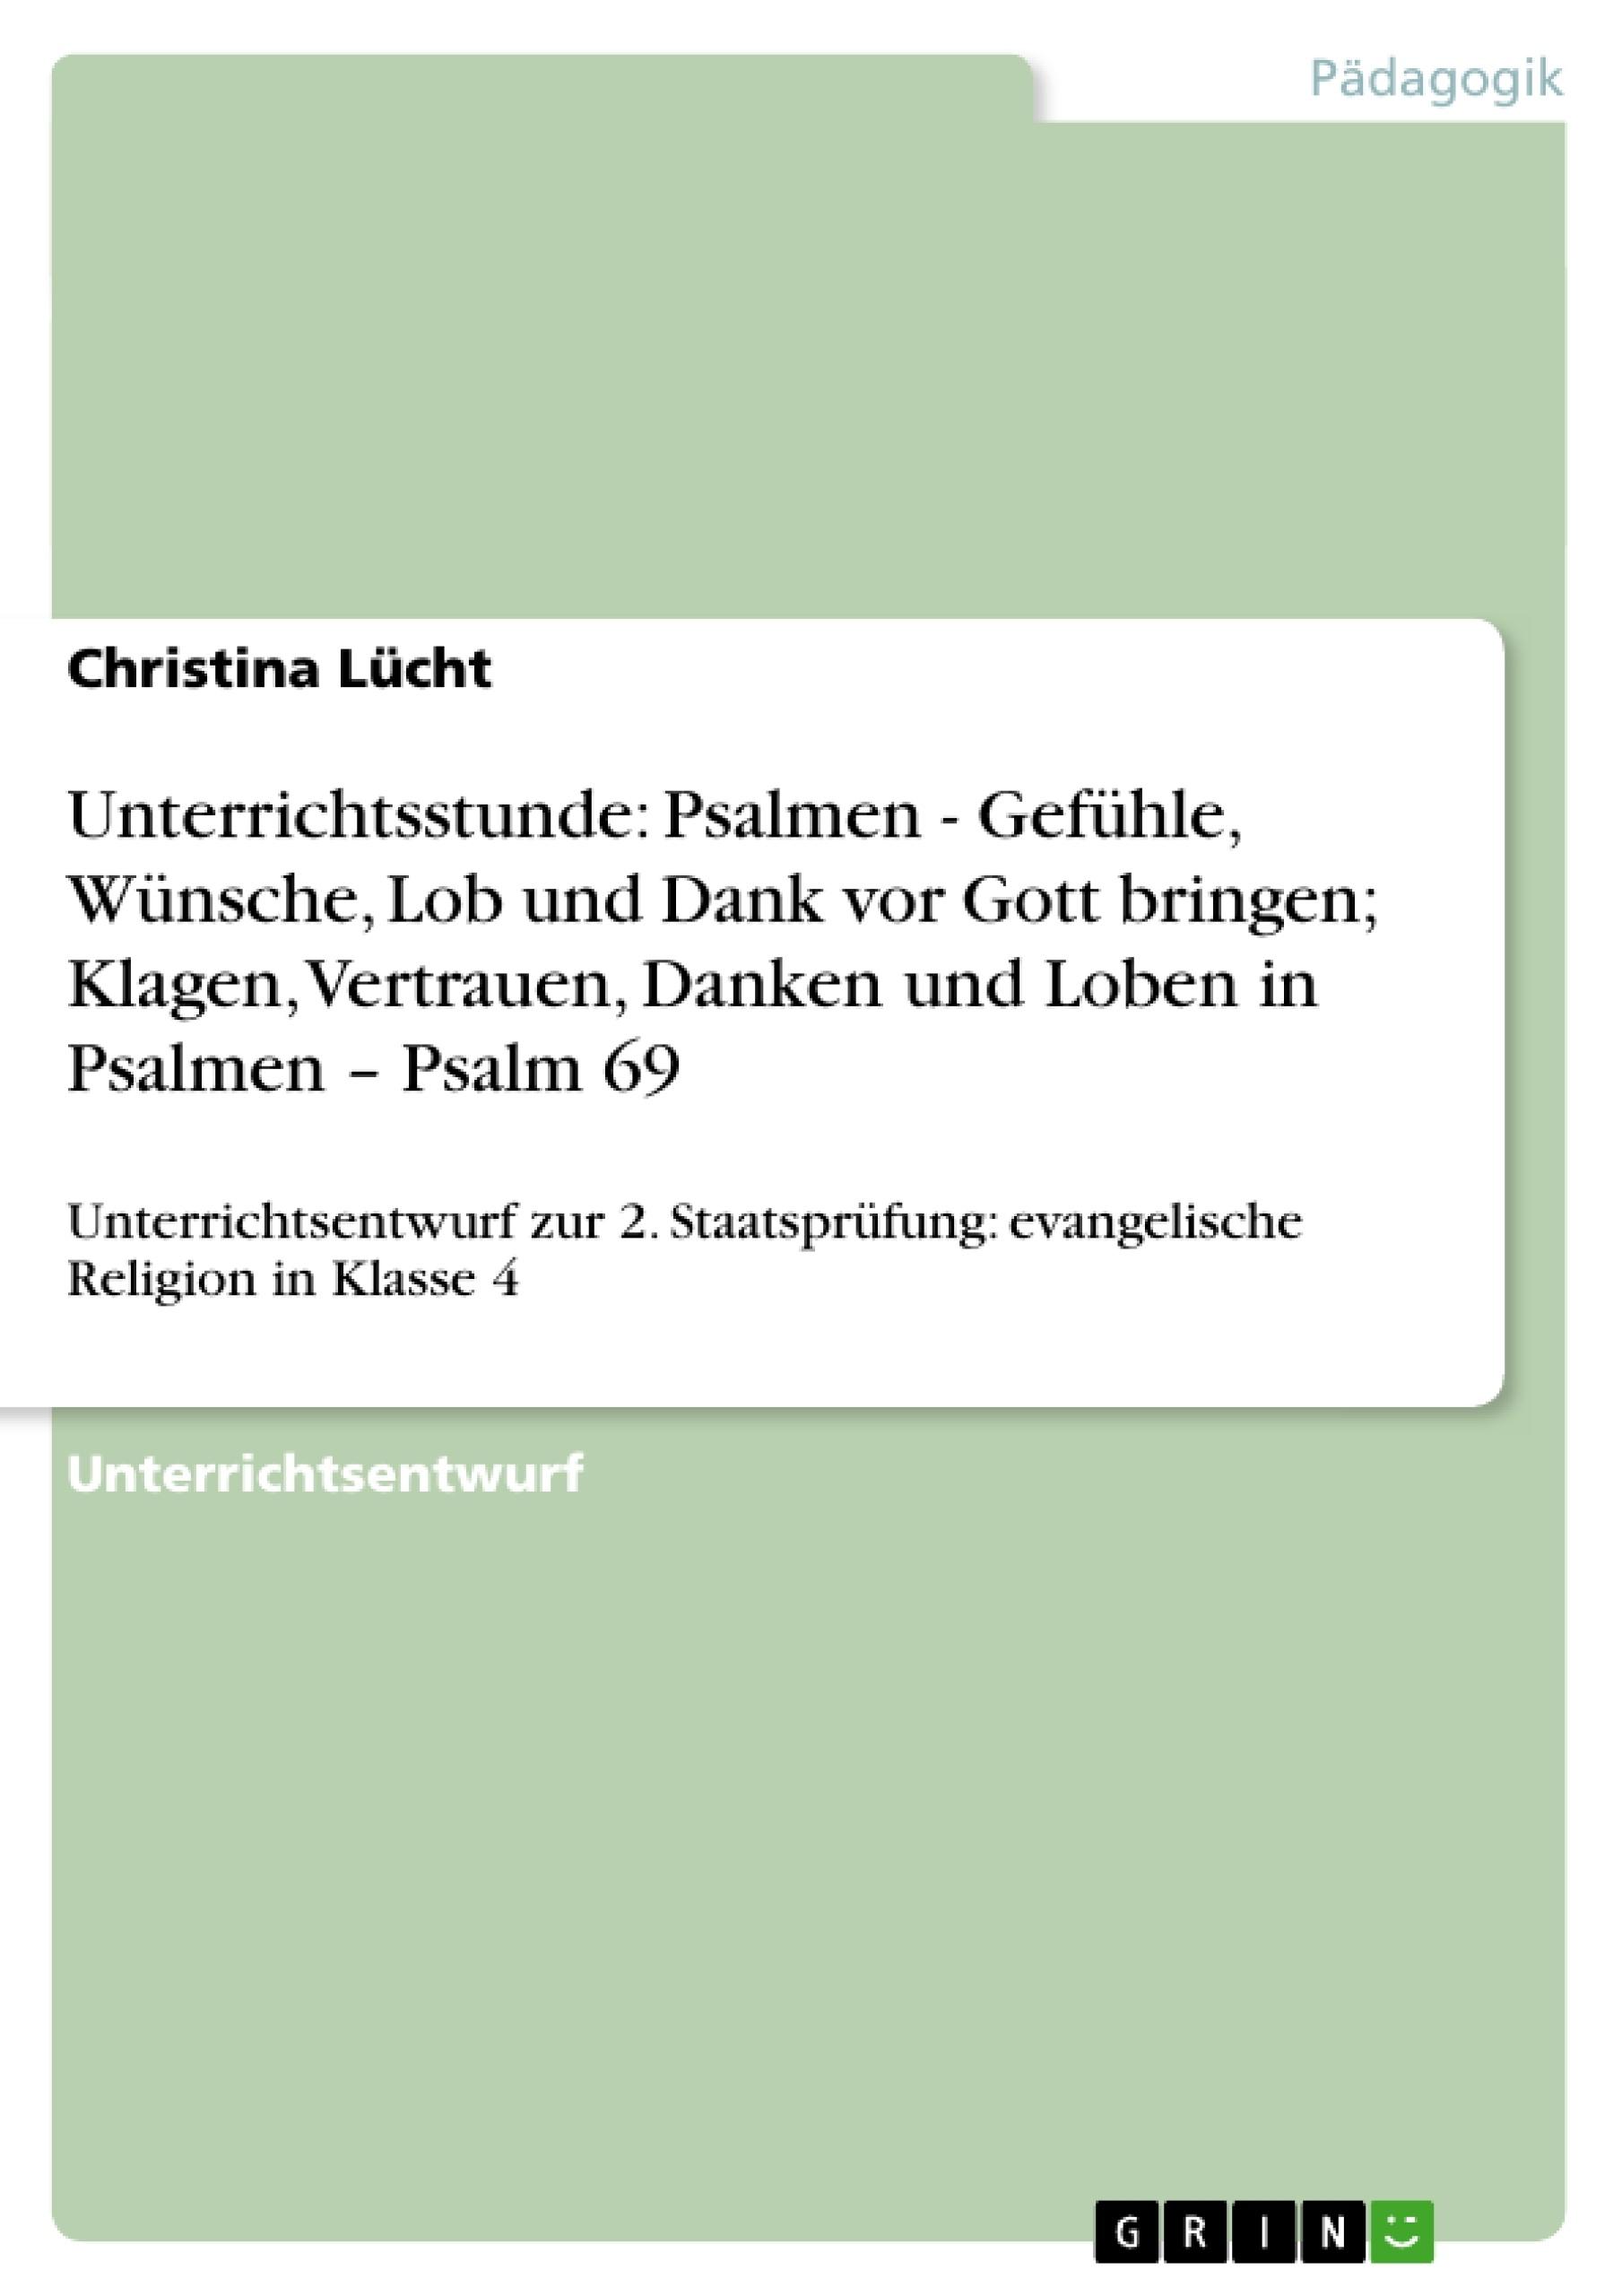 Titel: Unterrichtsstunde: Psalmen - Gefühle, Wünsche, Lob und Dank vor Gott bringen; Klagen, Vertrauen, Danken und Loben in Psalmen – Psalm 69